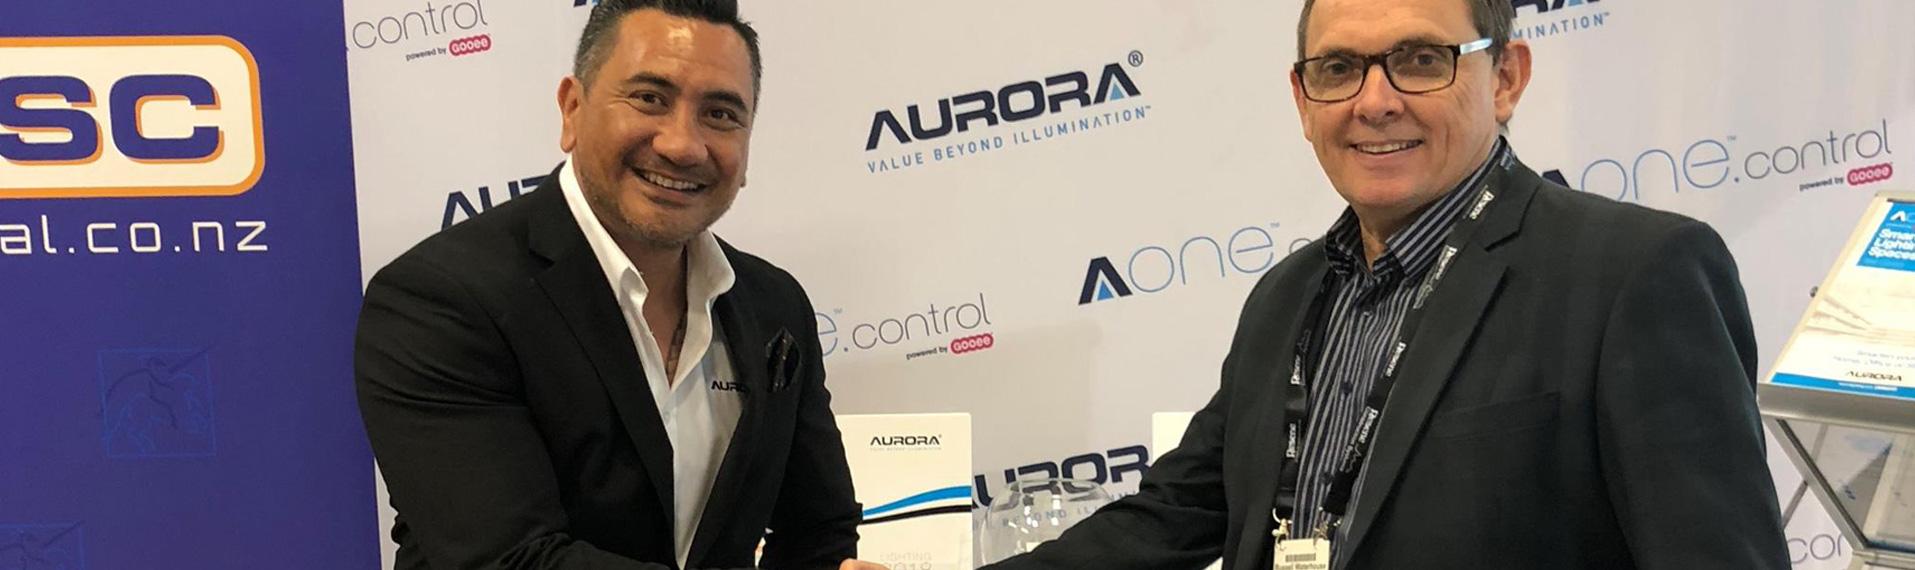 Aurora Lighting Distribution Underway In Nz